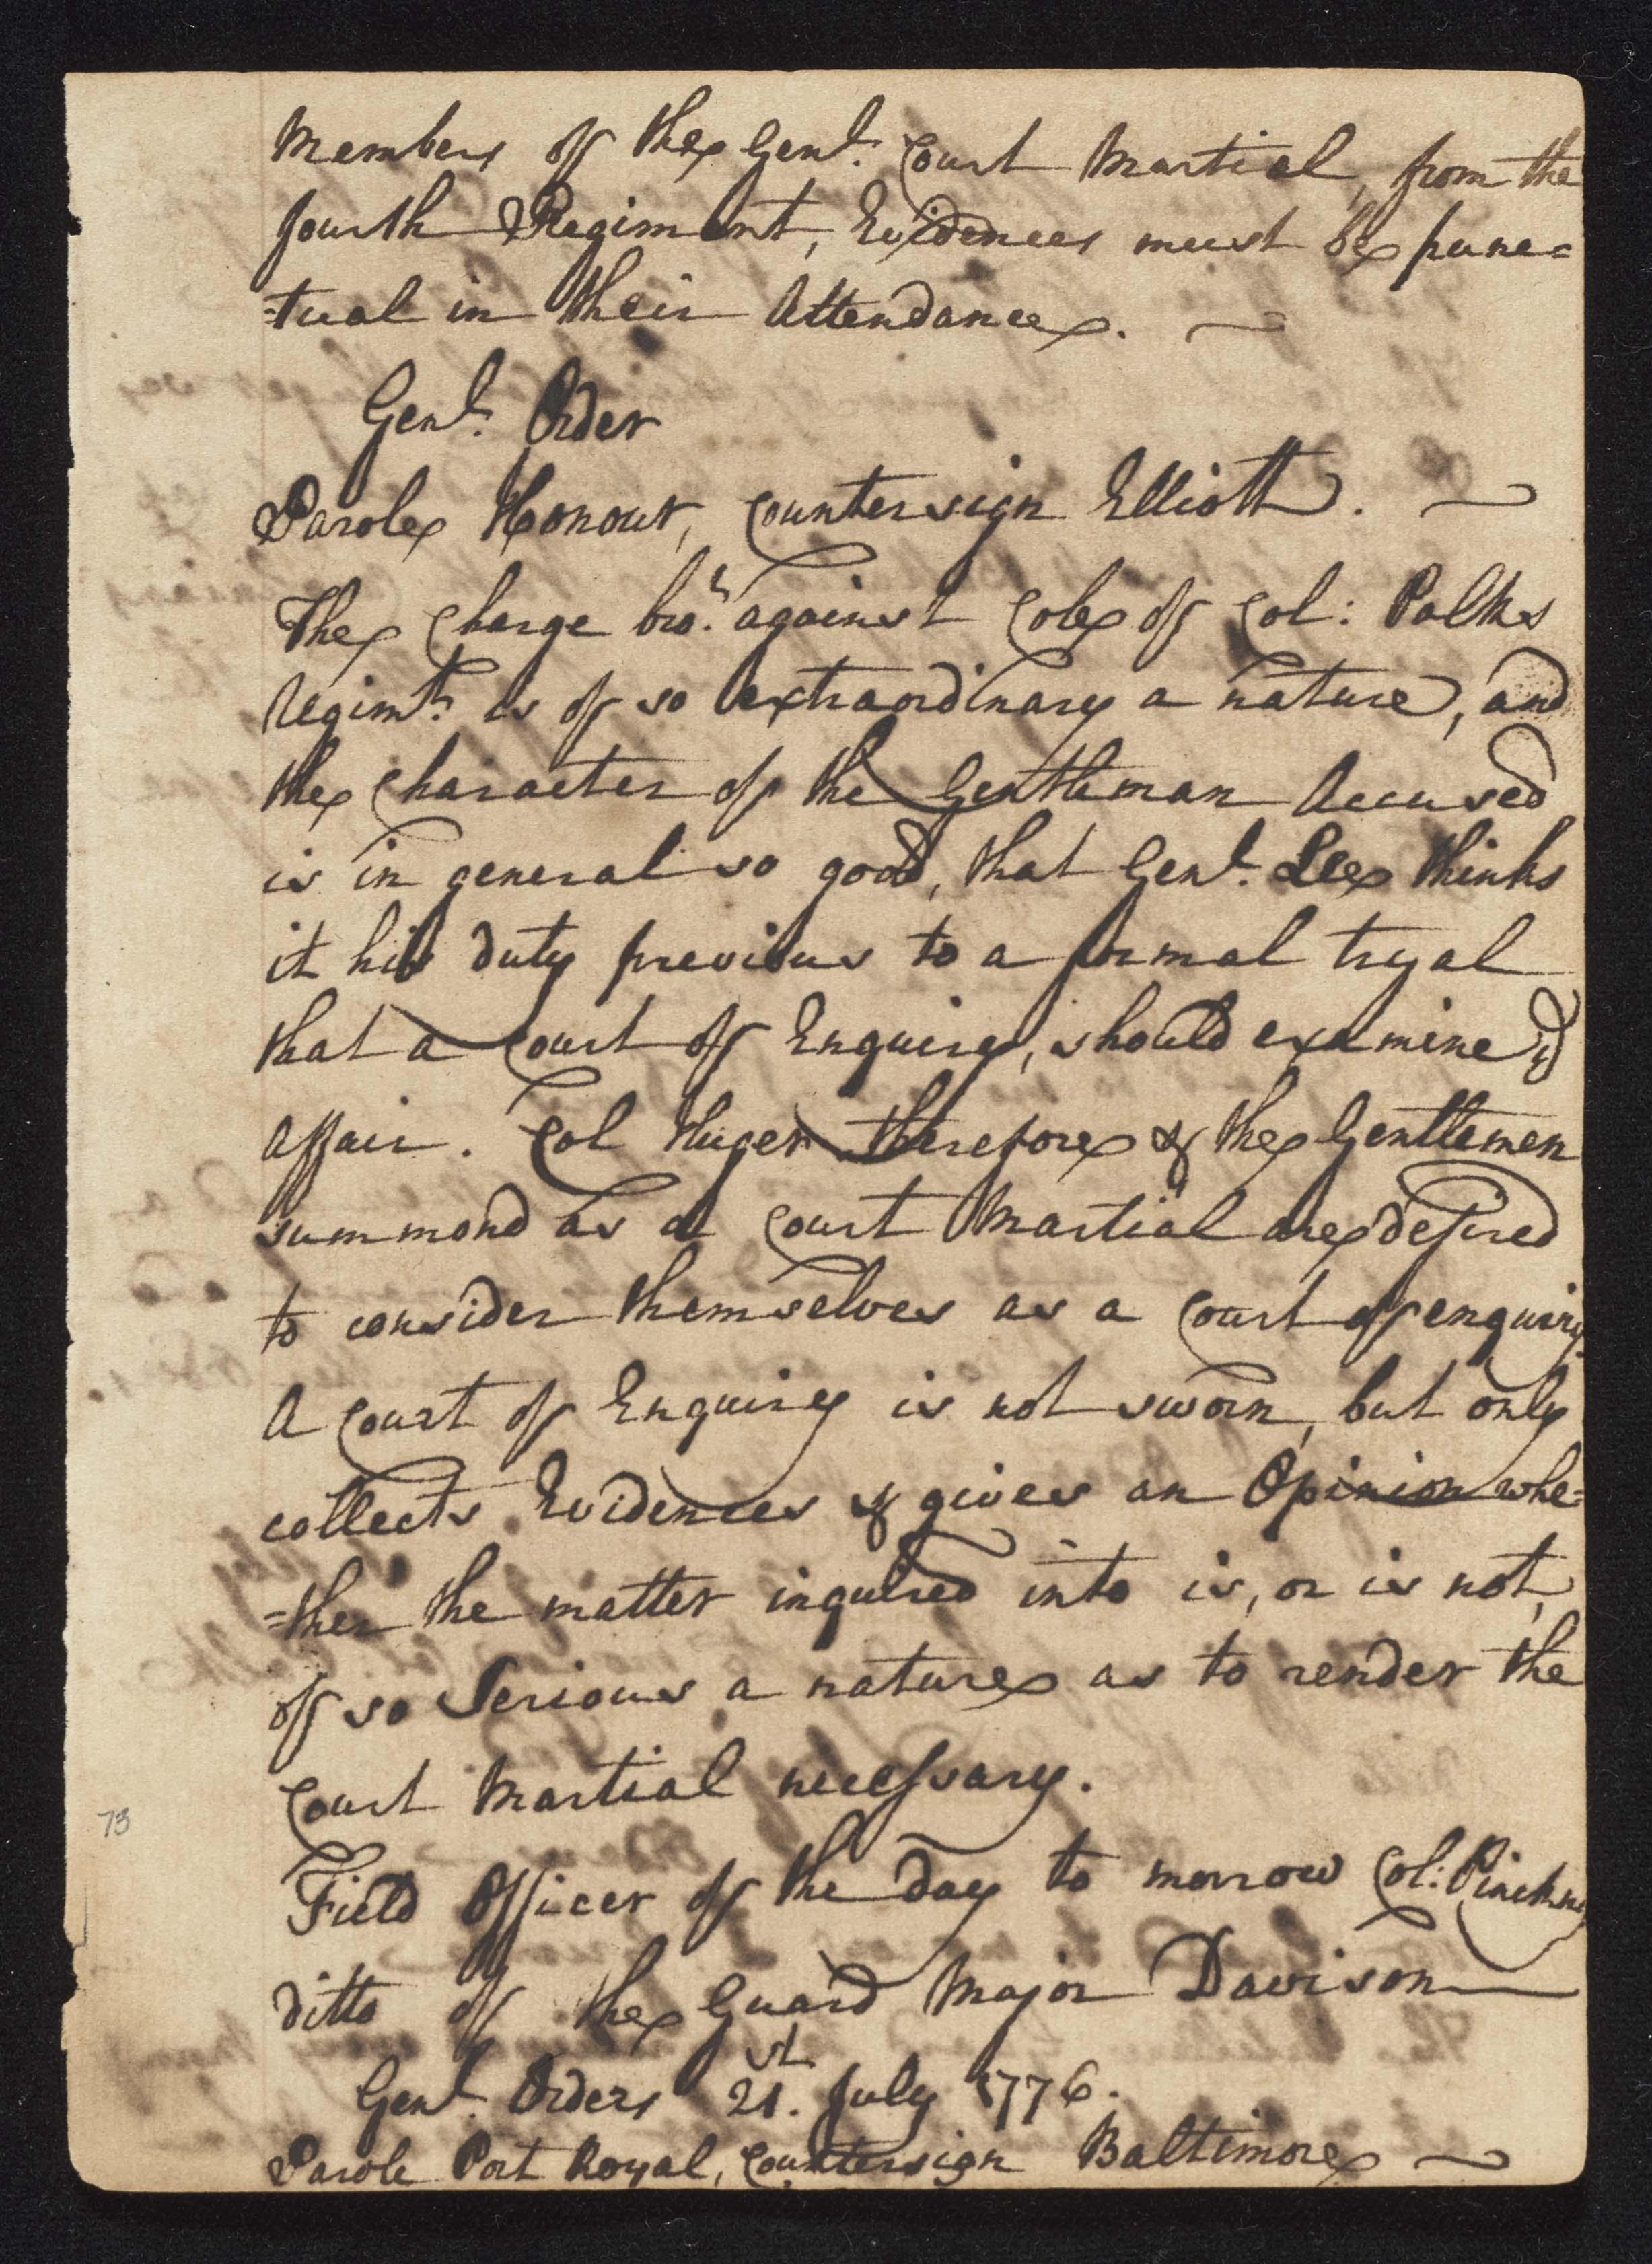 South Carolina Regiment Order Book, Page 145